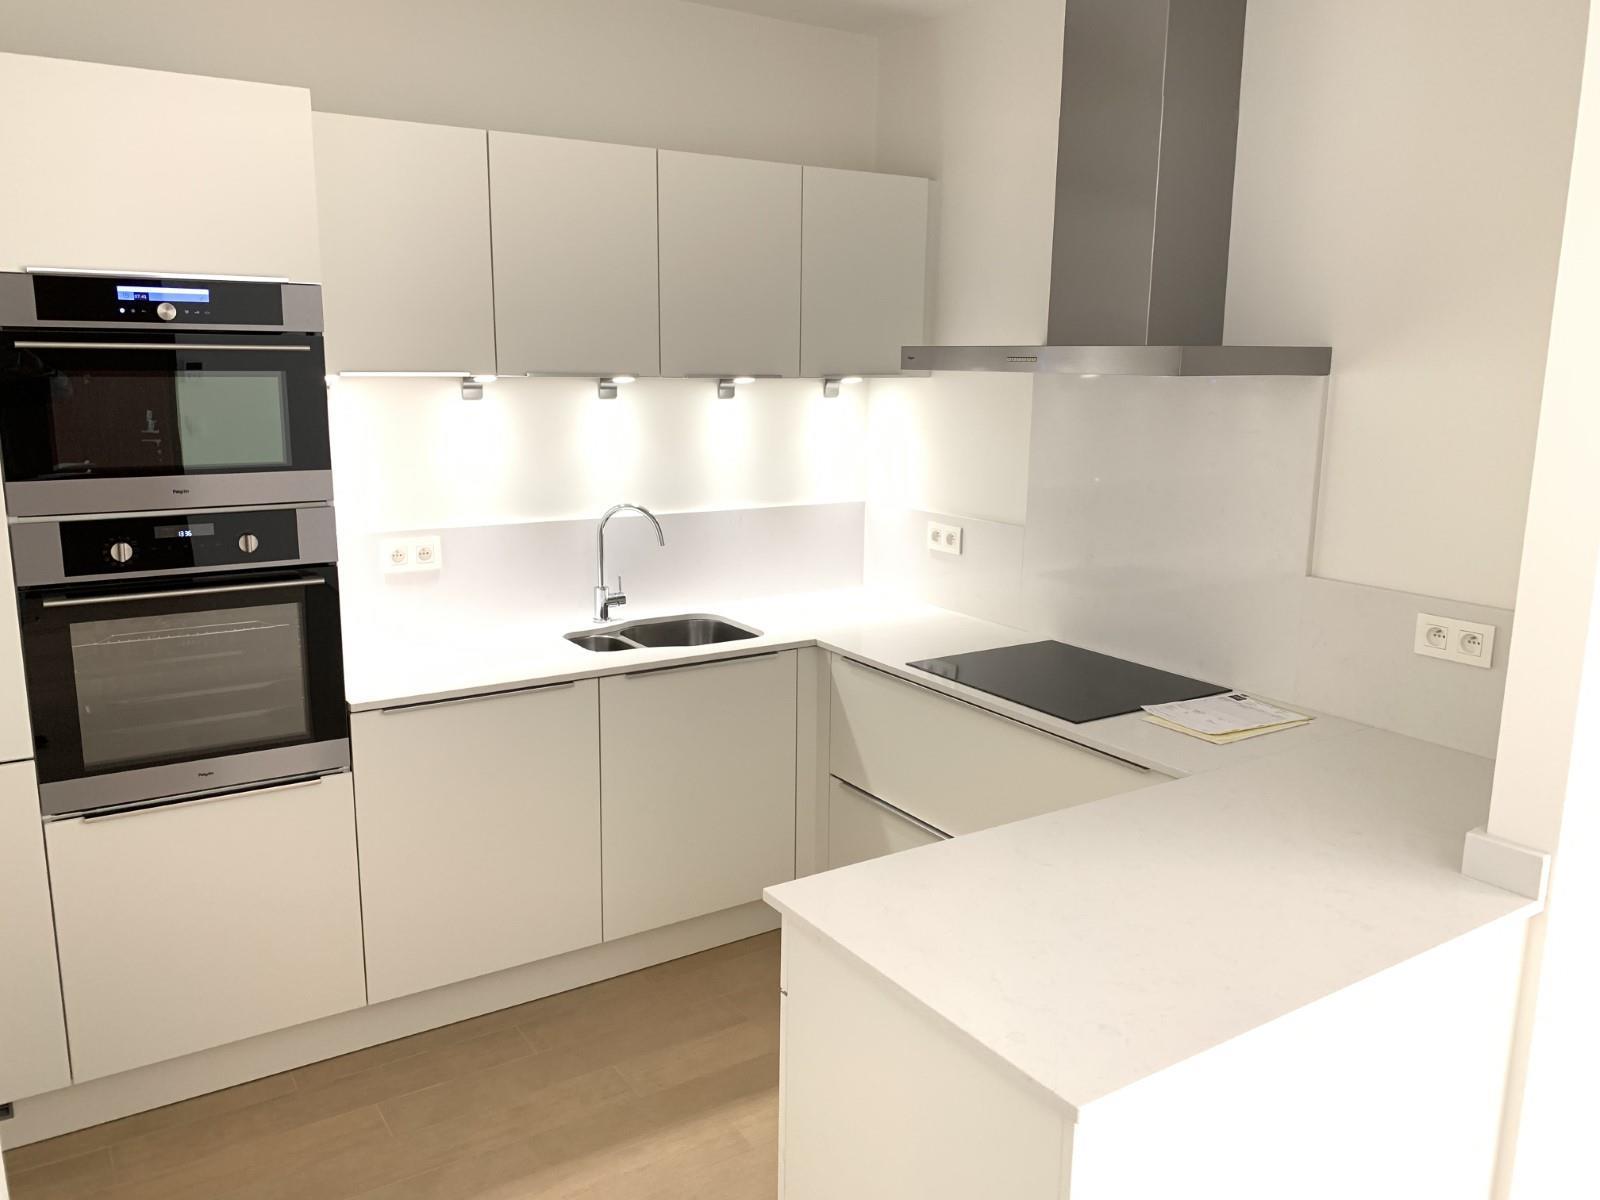 Appartement exceptionnel - Ixelles - #3929616-4